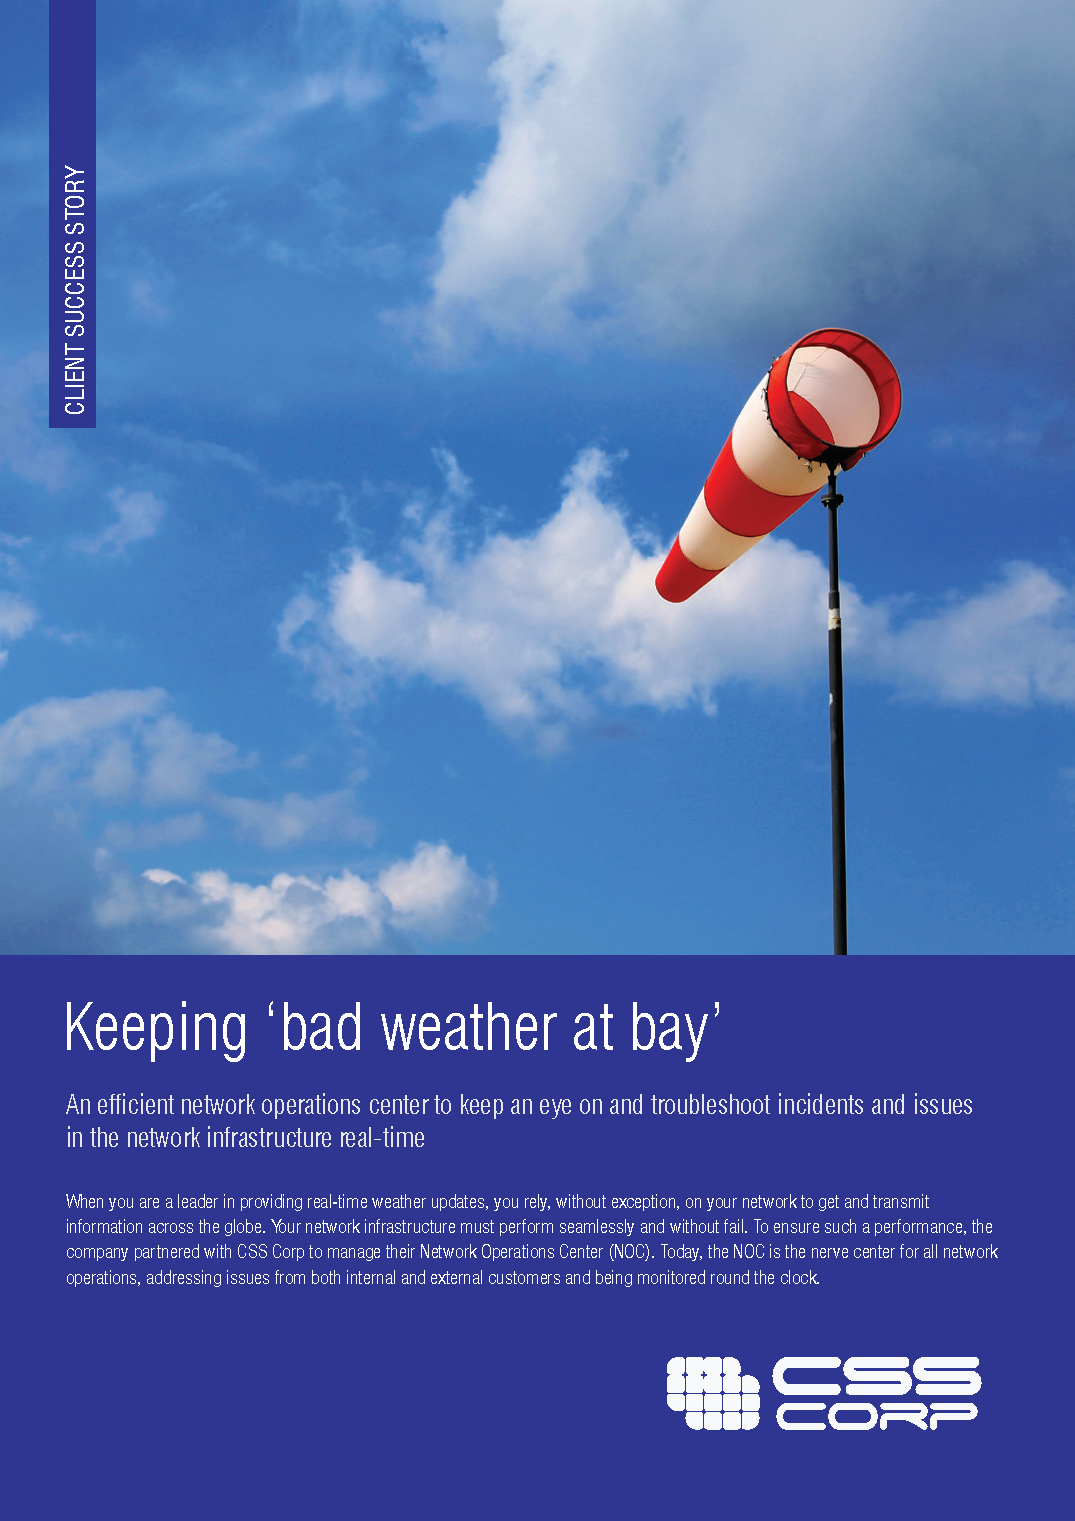 Keeping bad weather at bay